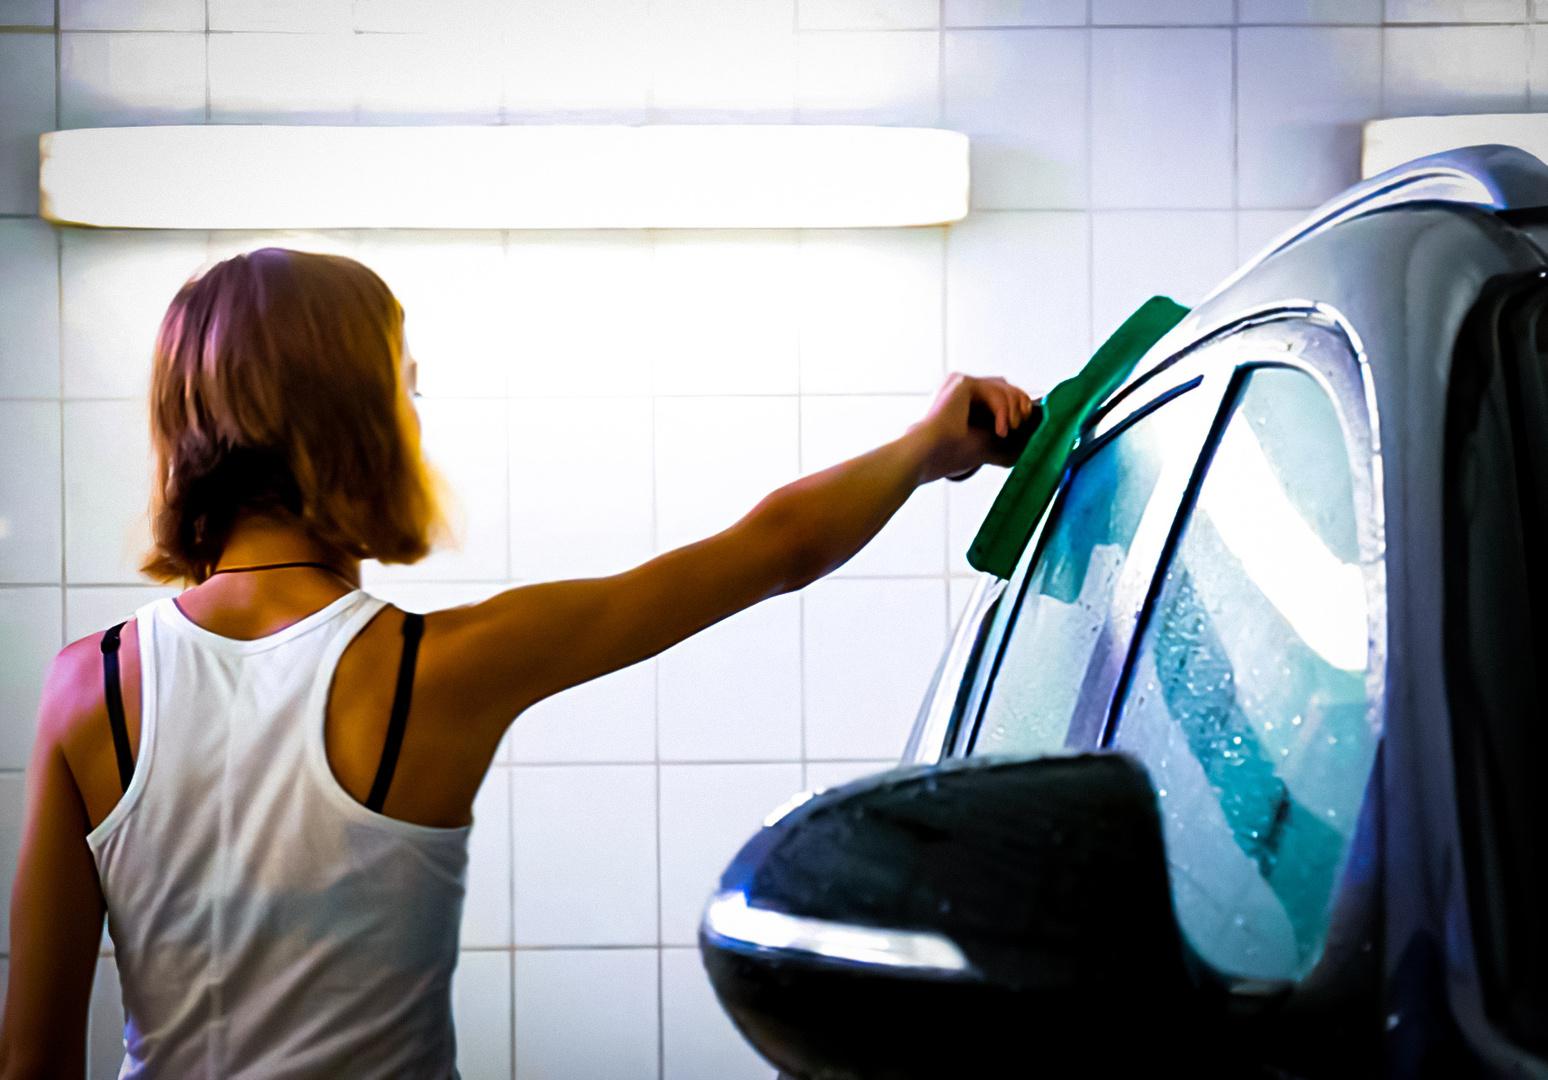 Ошибки на мойке, убивающие кузов вашего автомобиля